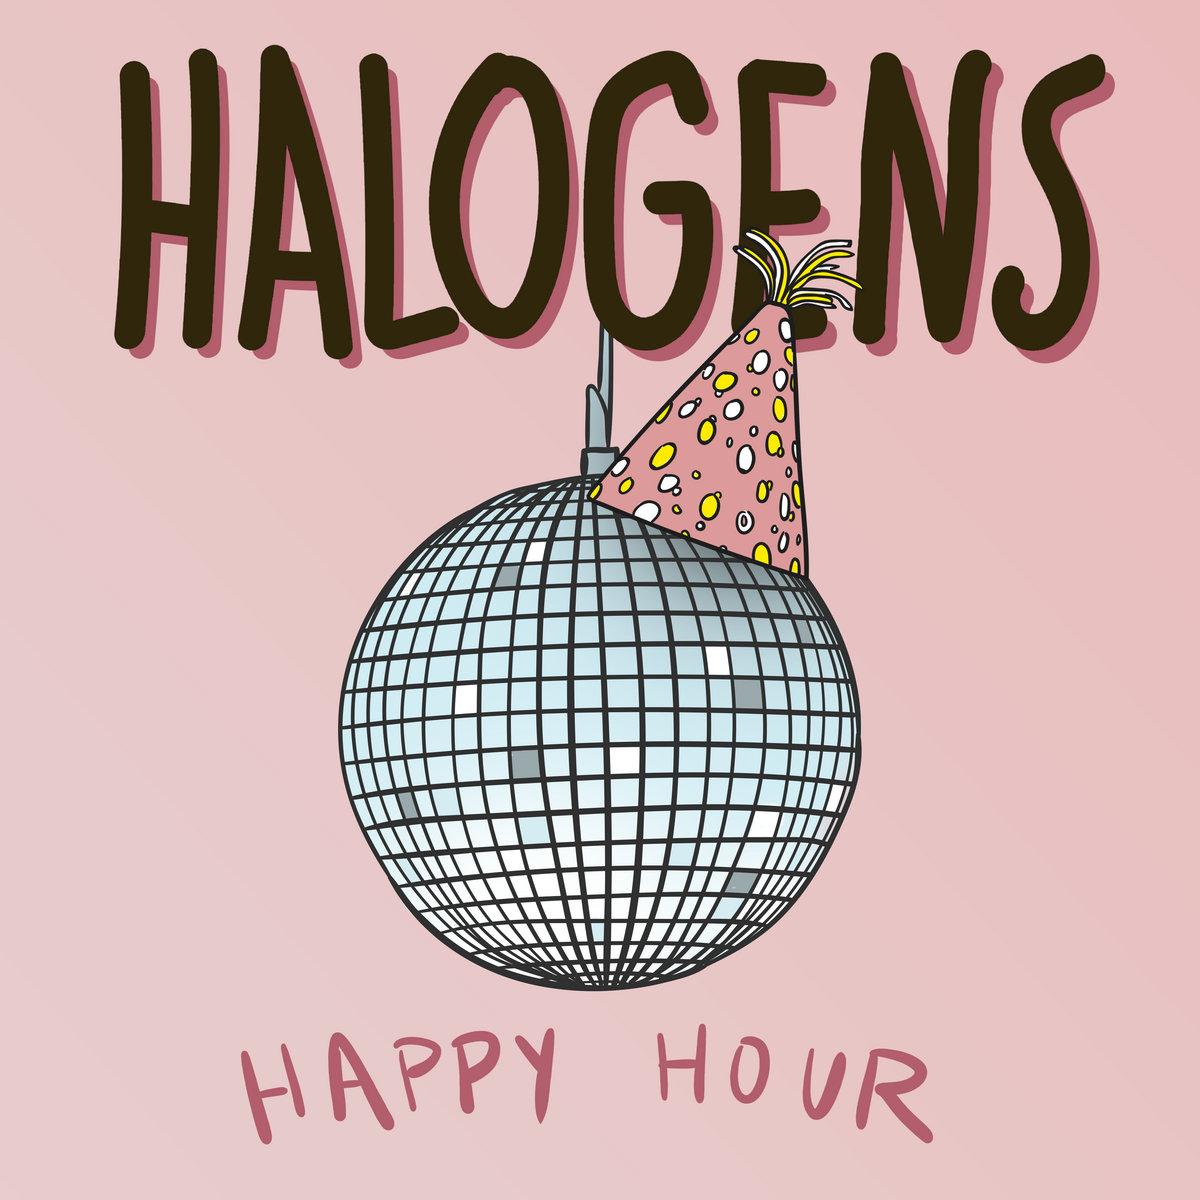 Halogens - Happy Hour